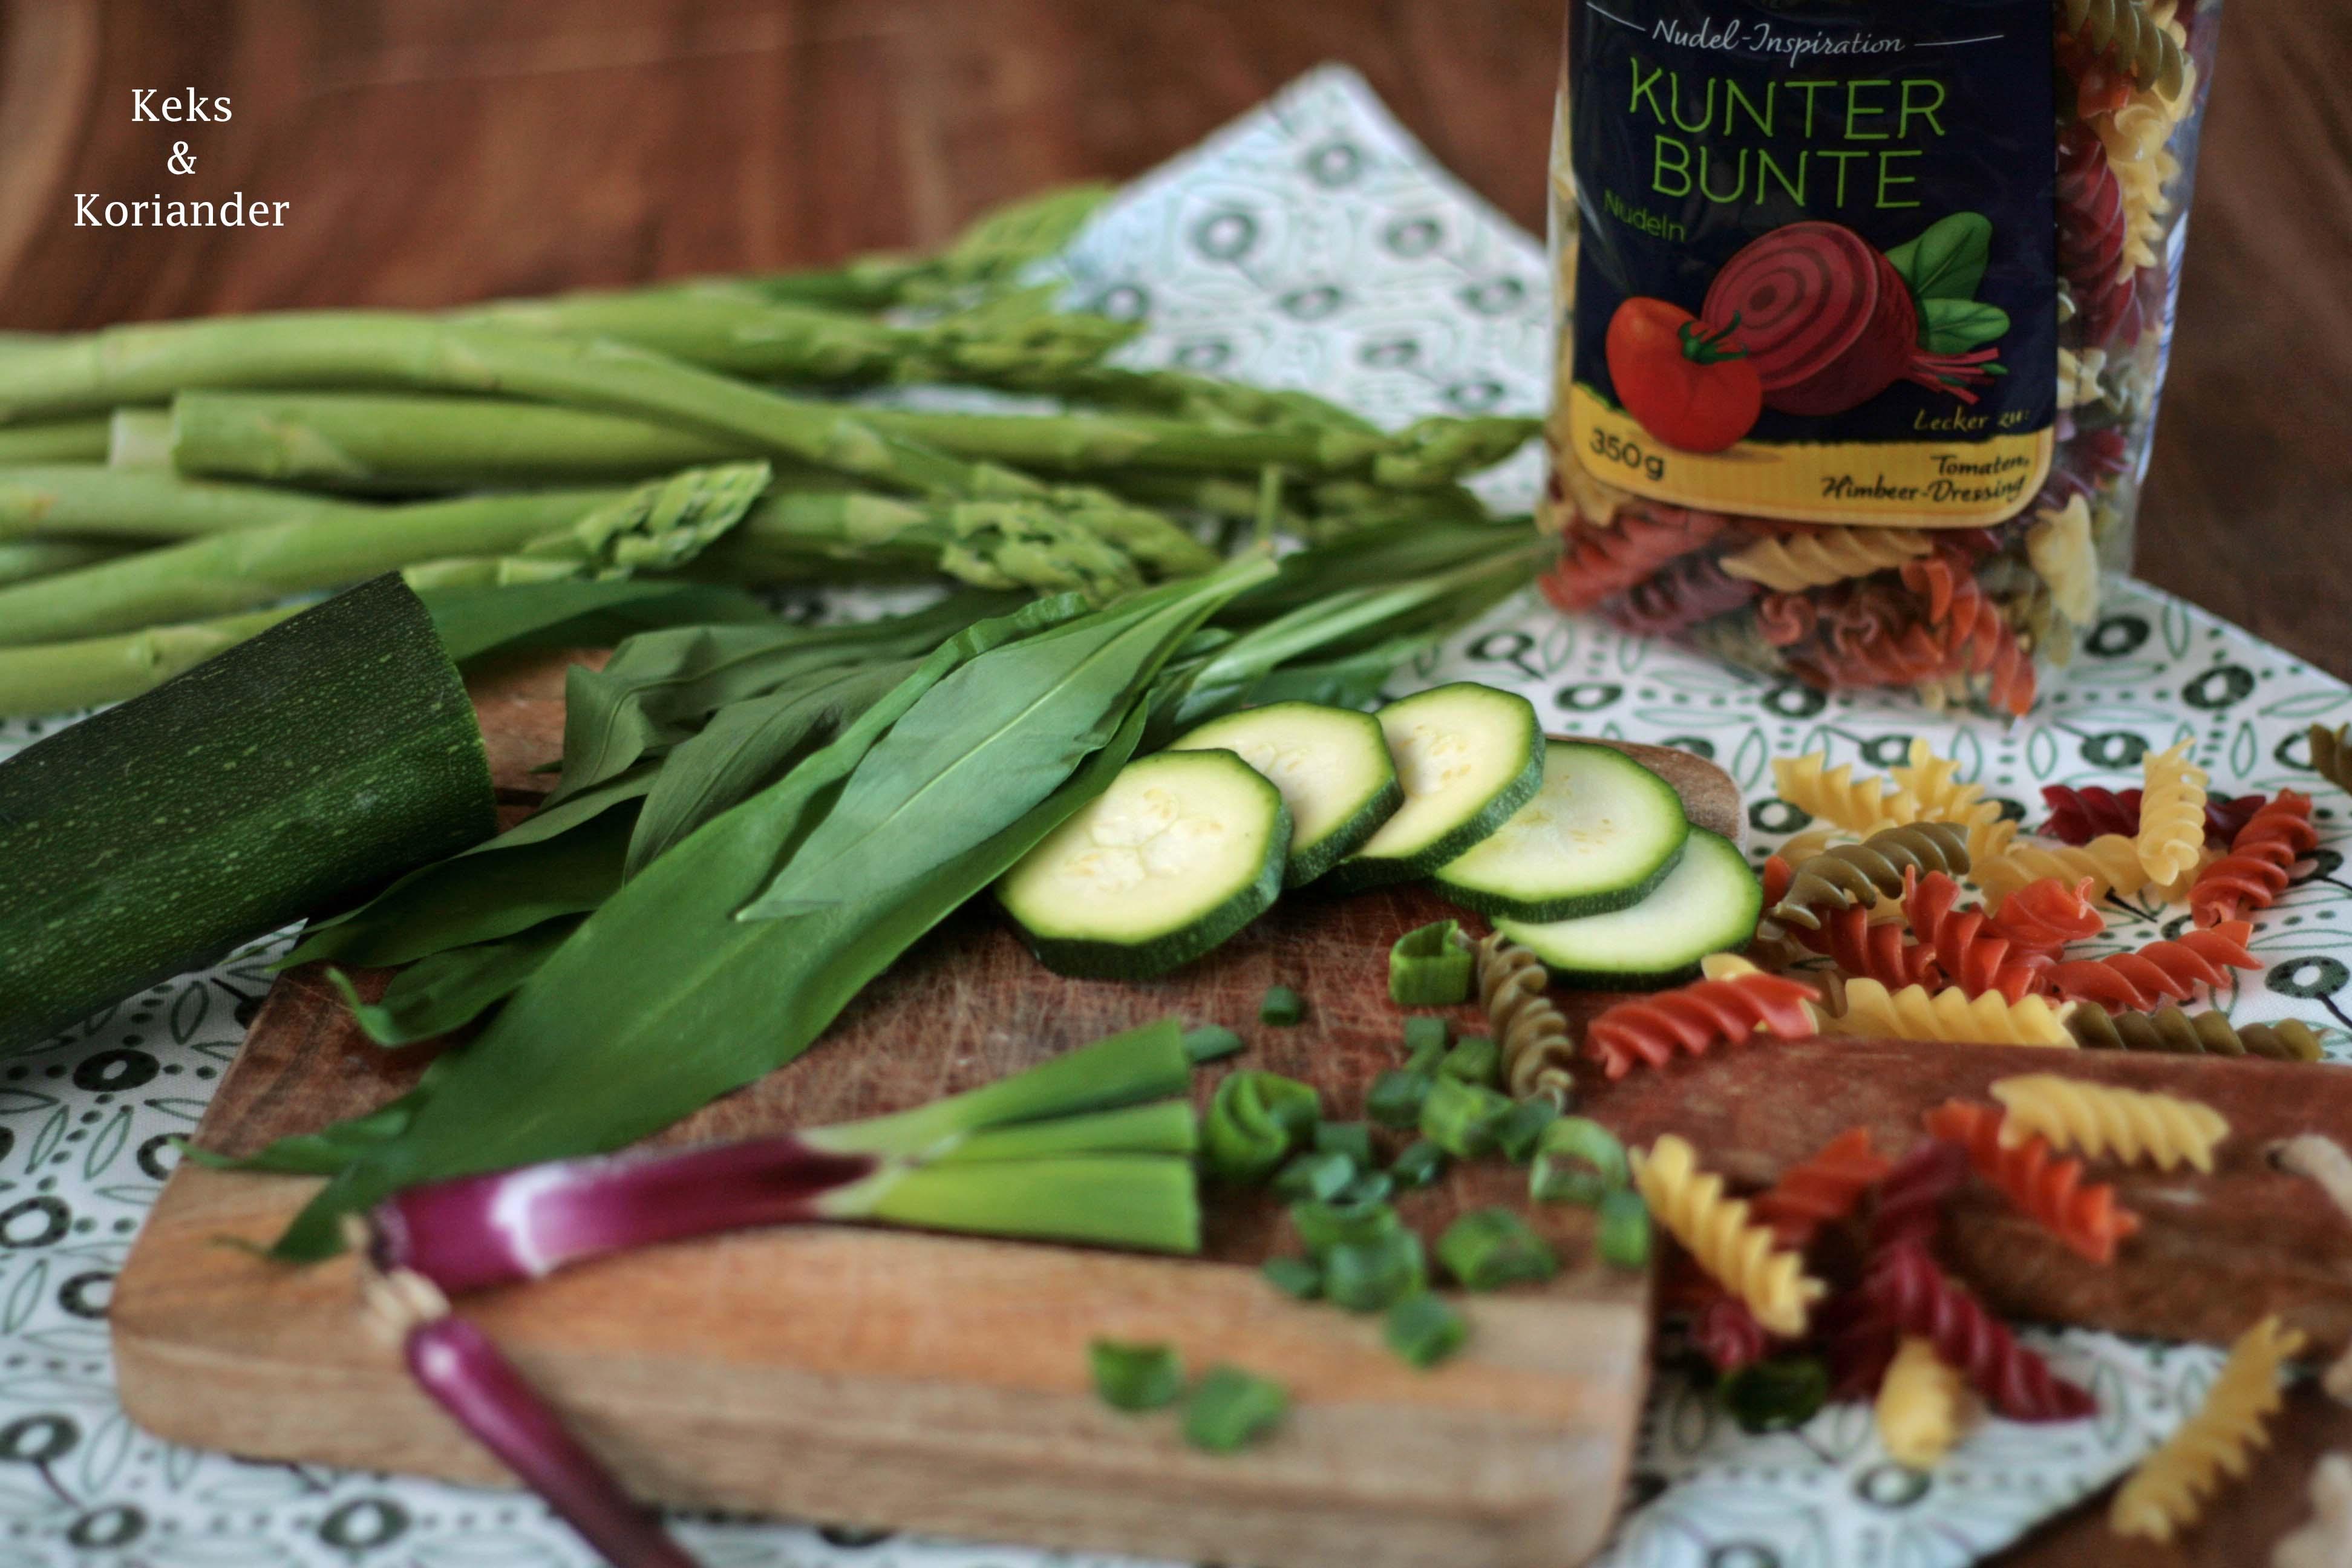 Nudelsalat mit grünem Spargel, Zucchini, Frühlingszwiebeln und Bärlauchdressing2